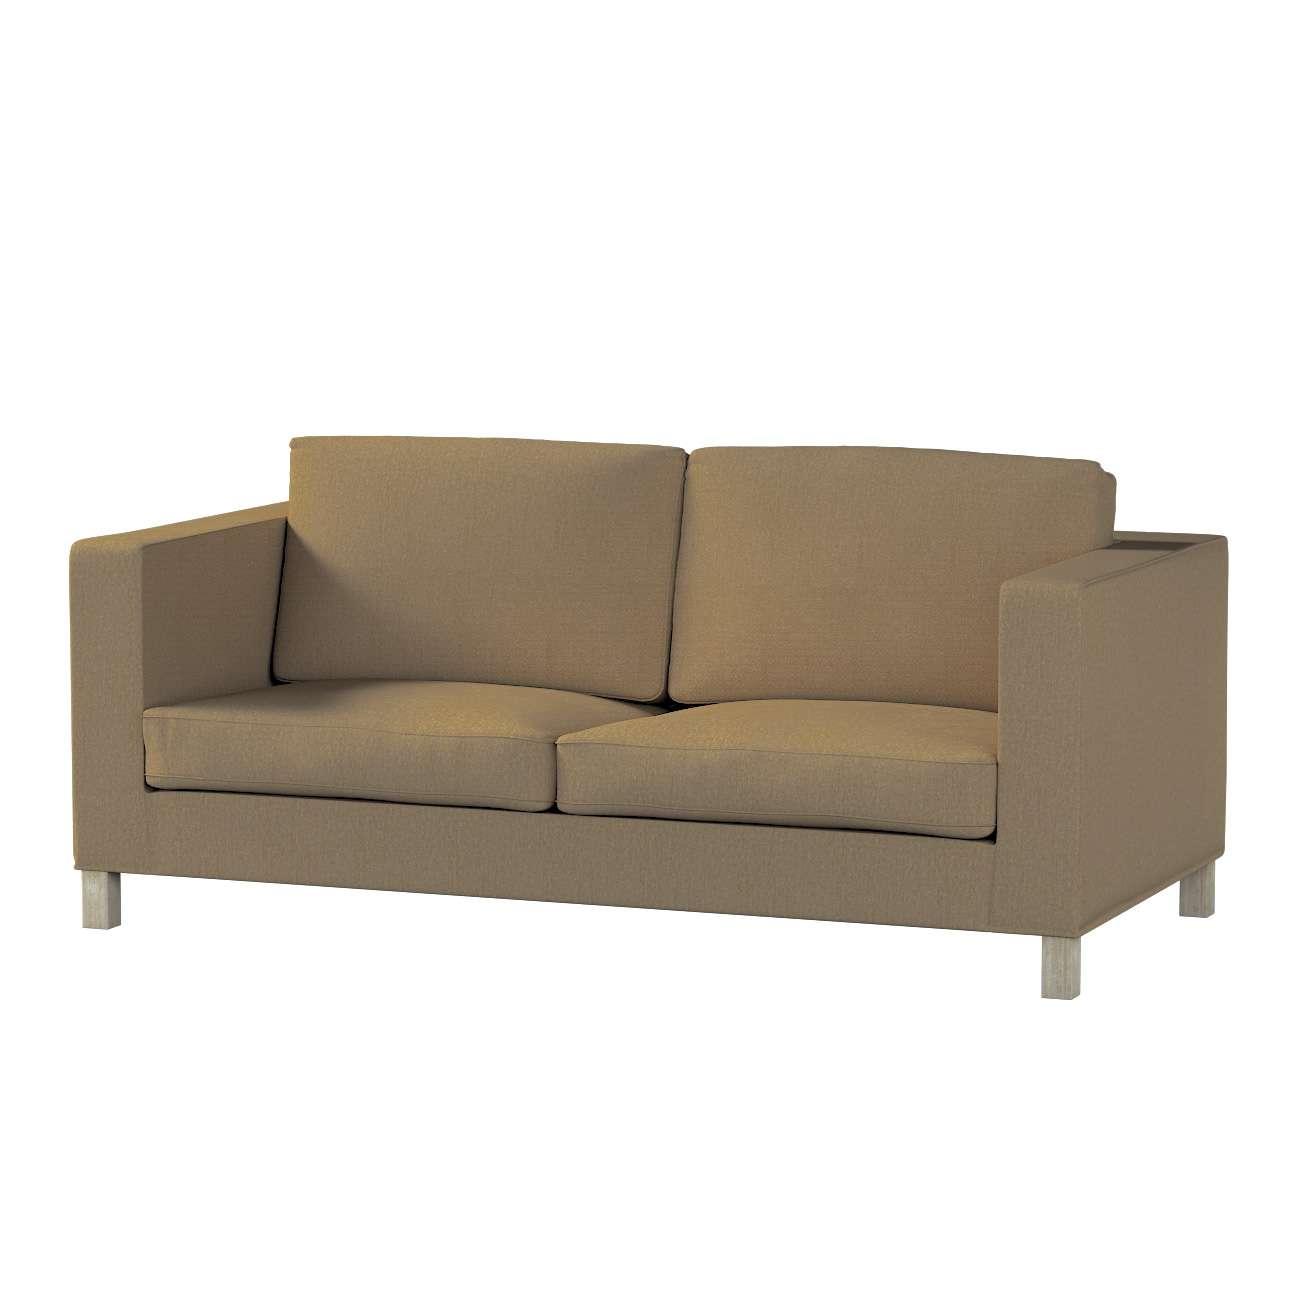 Pokrowiec na sofę Karlanda rozkładaną, krótki Sofa Karlanda rozkładana w kolekcji Chenille, tkanina: 702-21